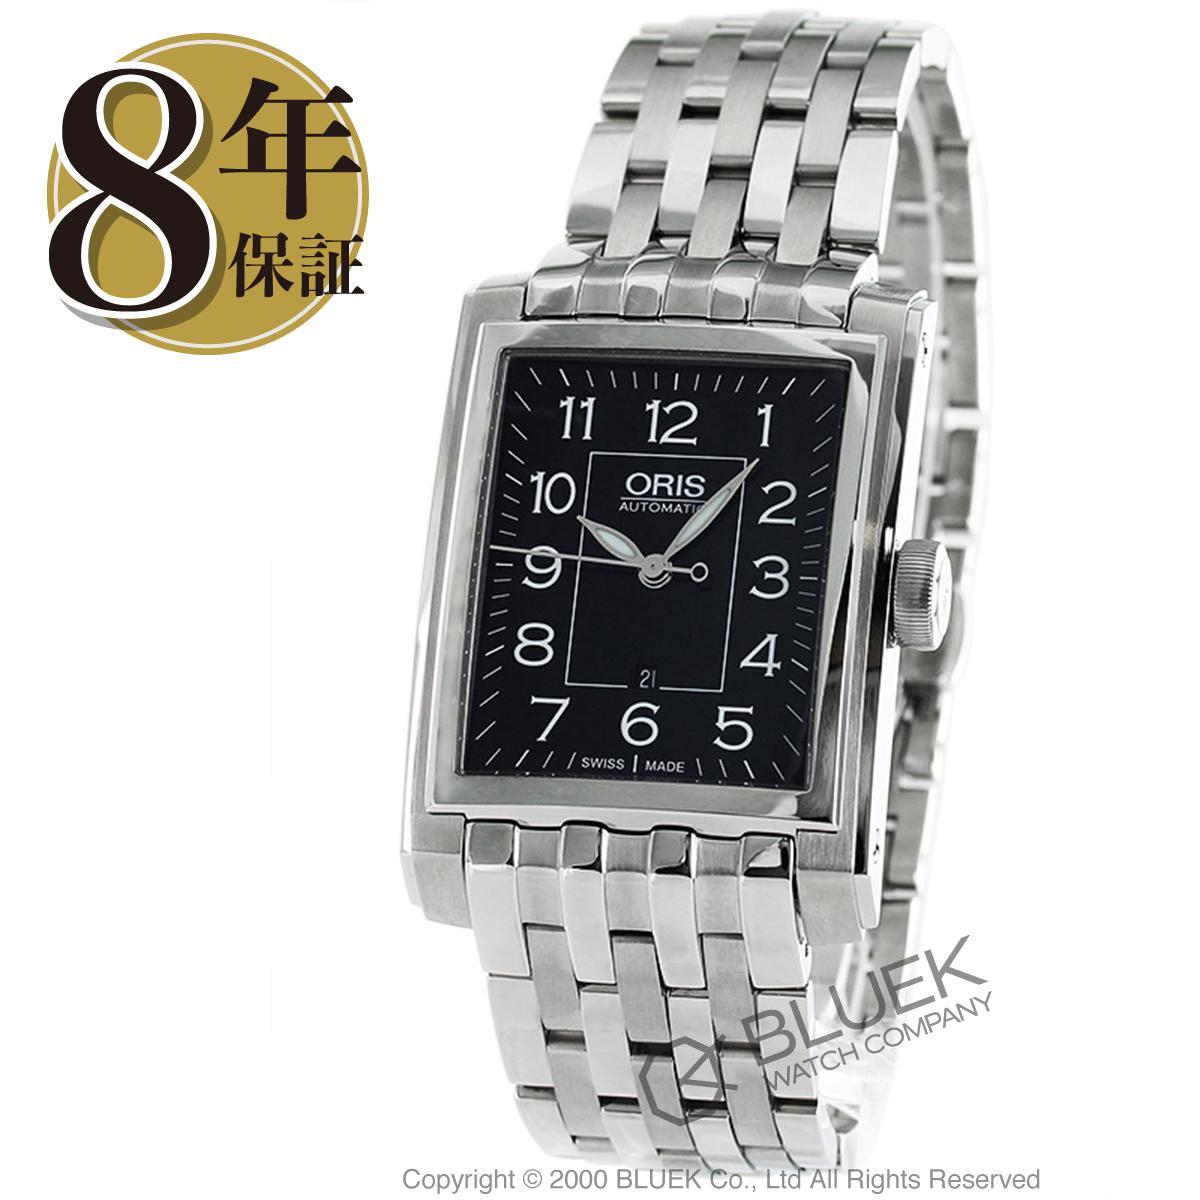 【3,000円OFFクーポン対象】オリス レクタンギュラー デイト 腕時計 メンズ ORIS 561 7657 4034M_8